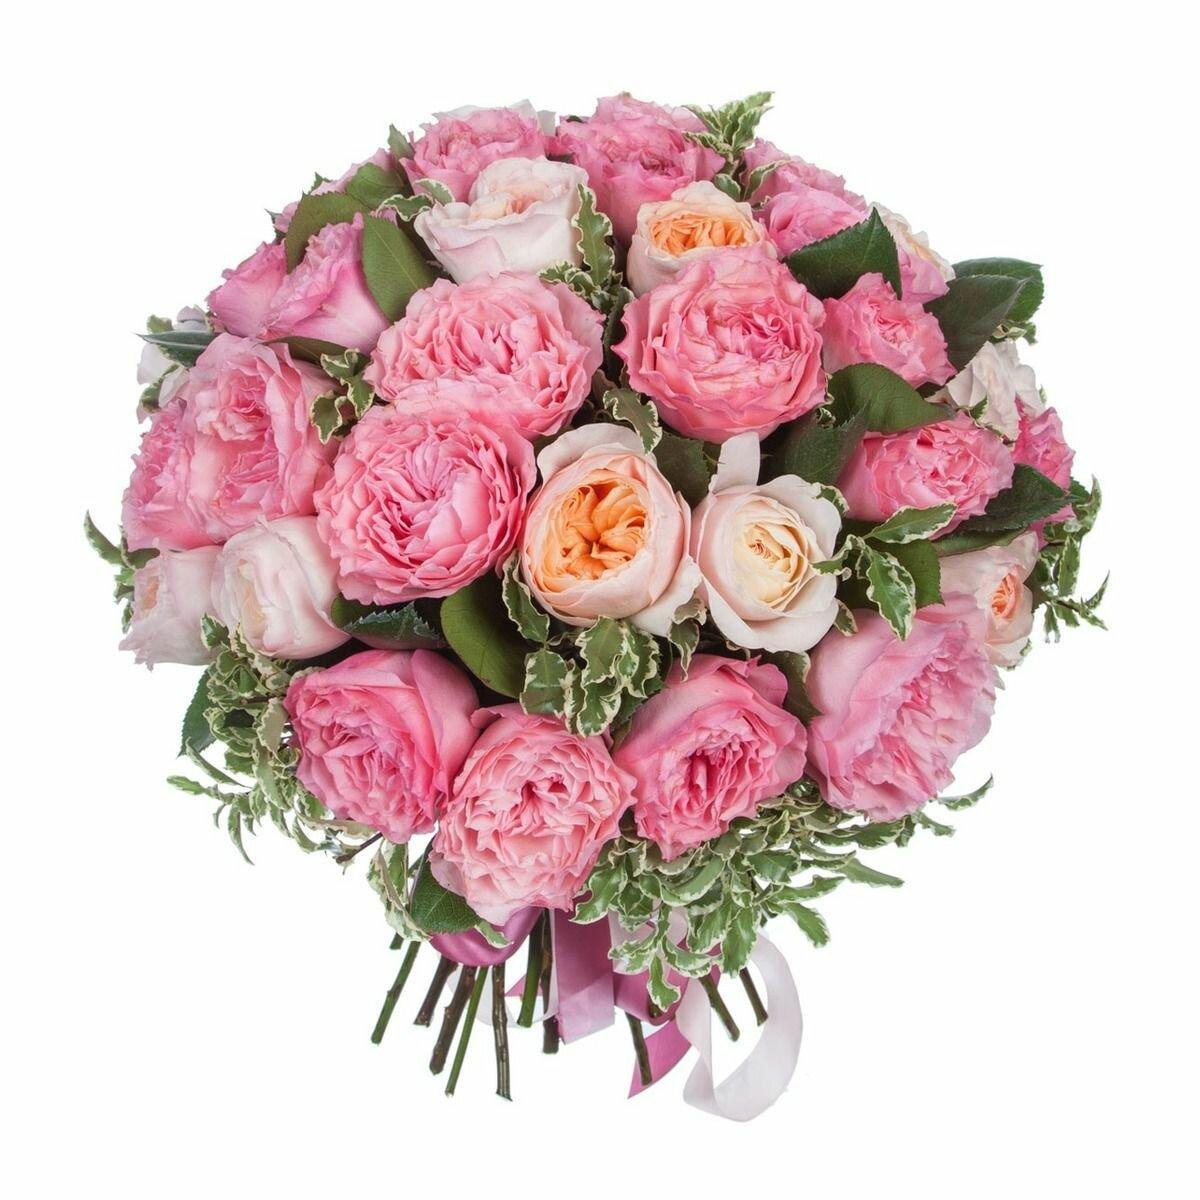 Красивые открытки с розами пионовидными